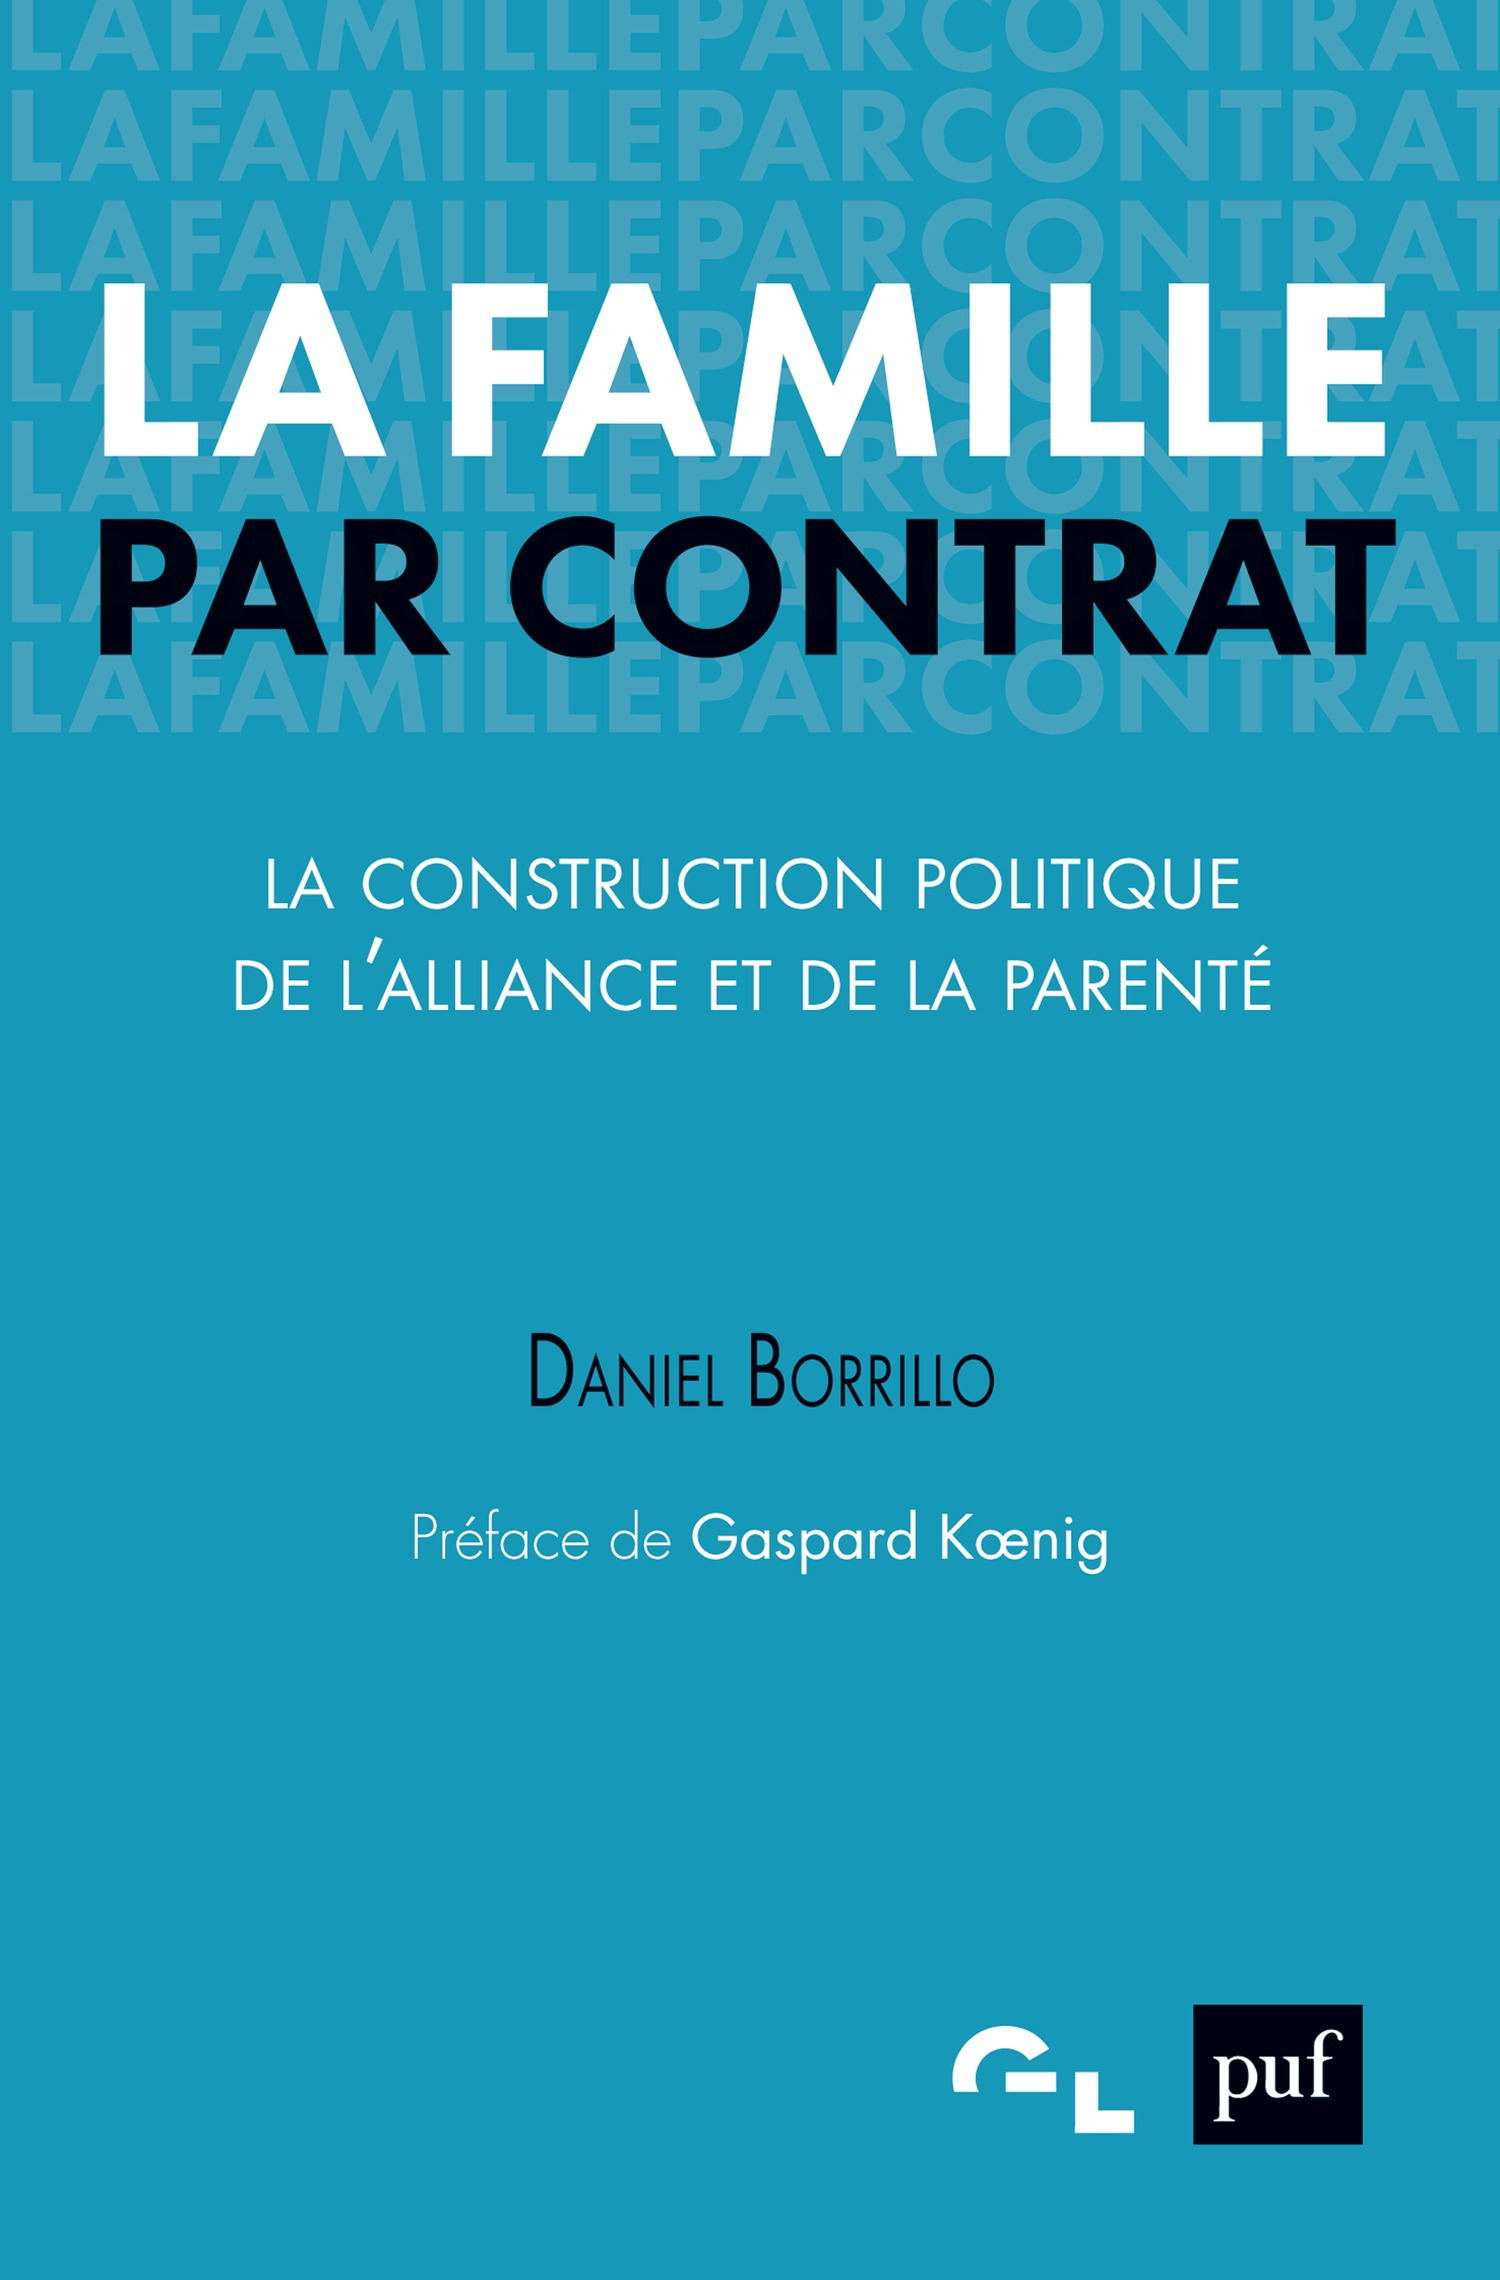 La famille par contrat ; la construction politique de l'alliance et de la parenté